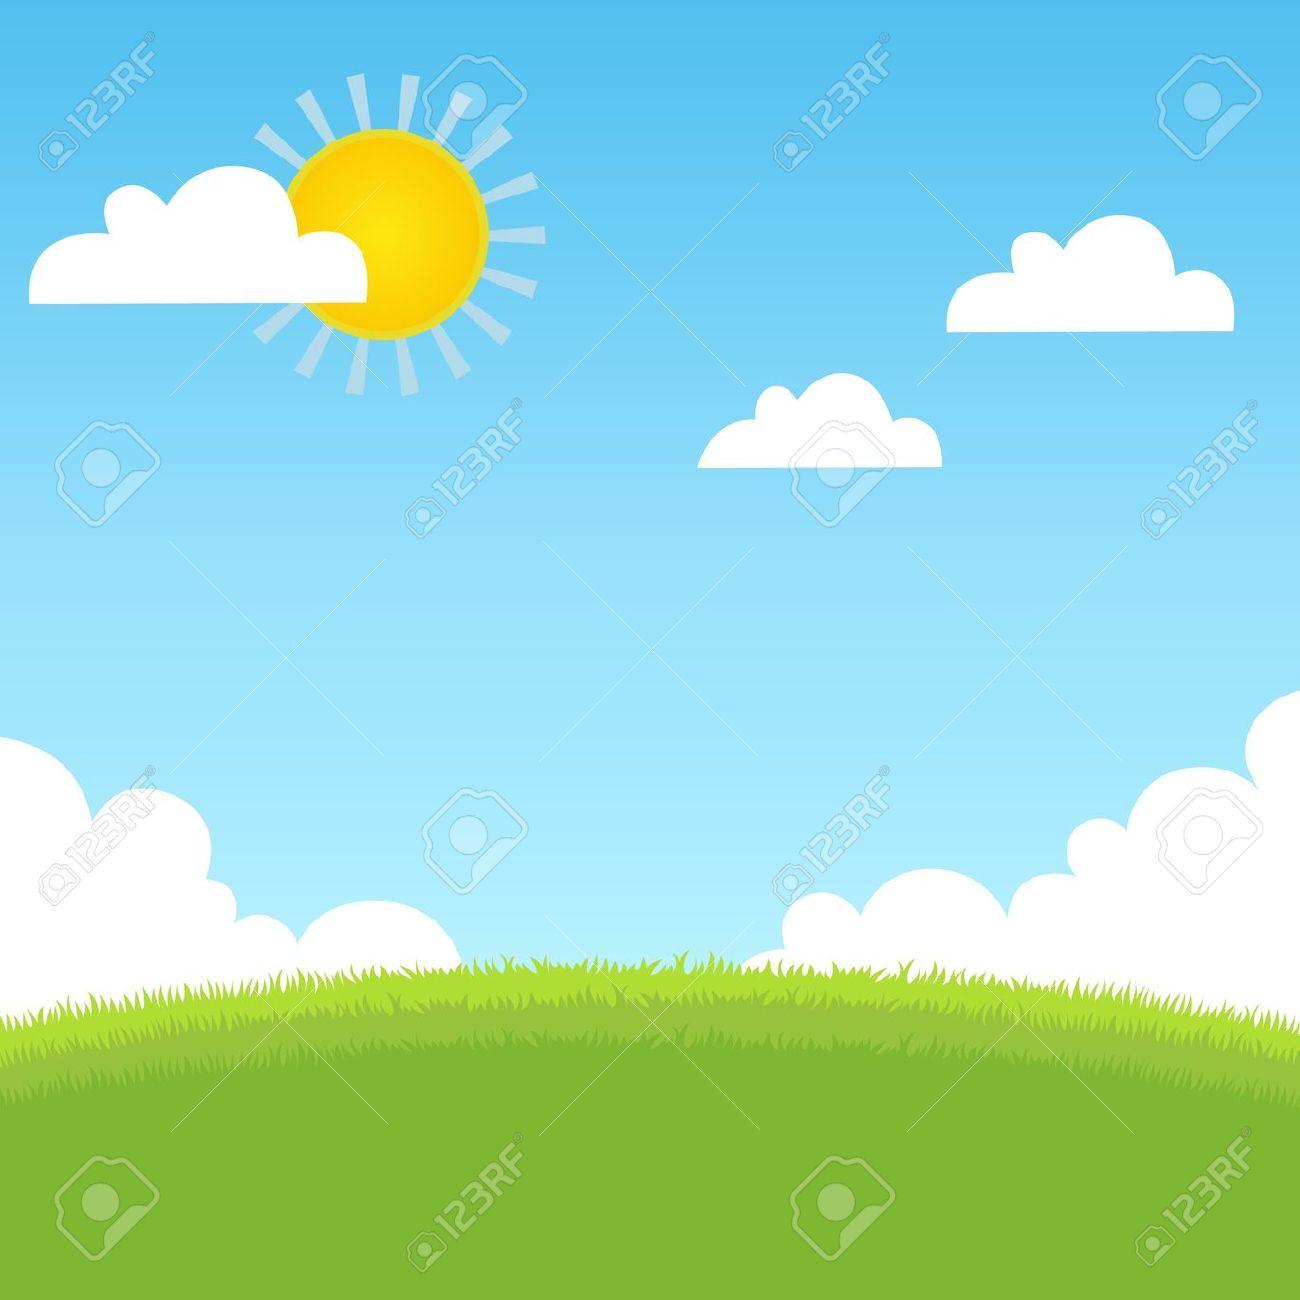 Sommerlandschaft Mit Gras, Blauer Himmel Lizenzfrei Nutzbare.